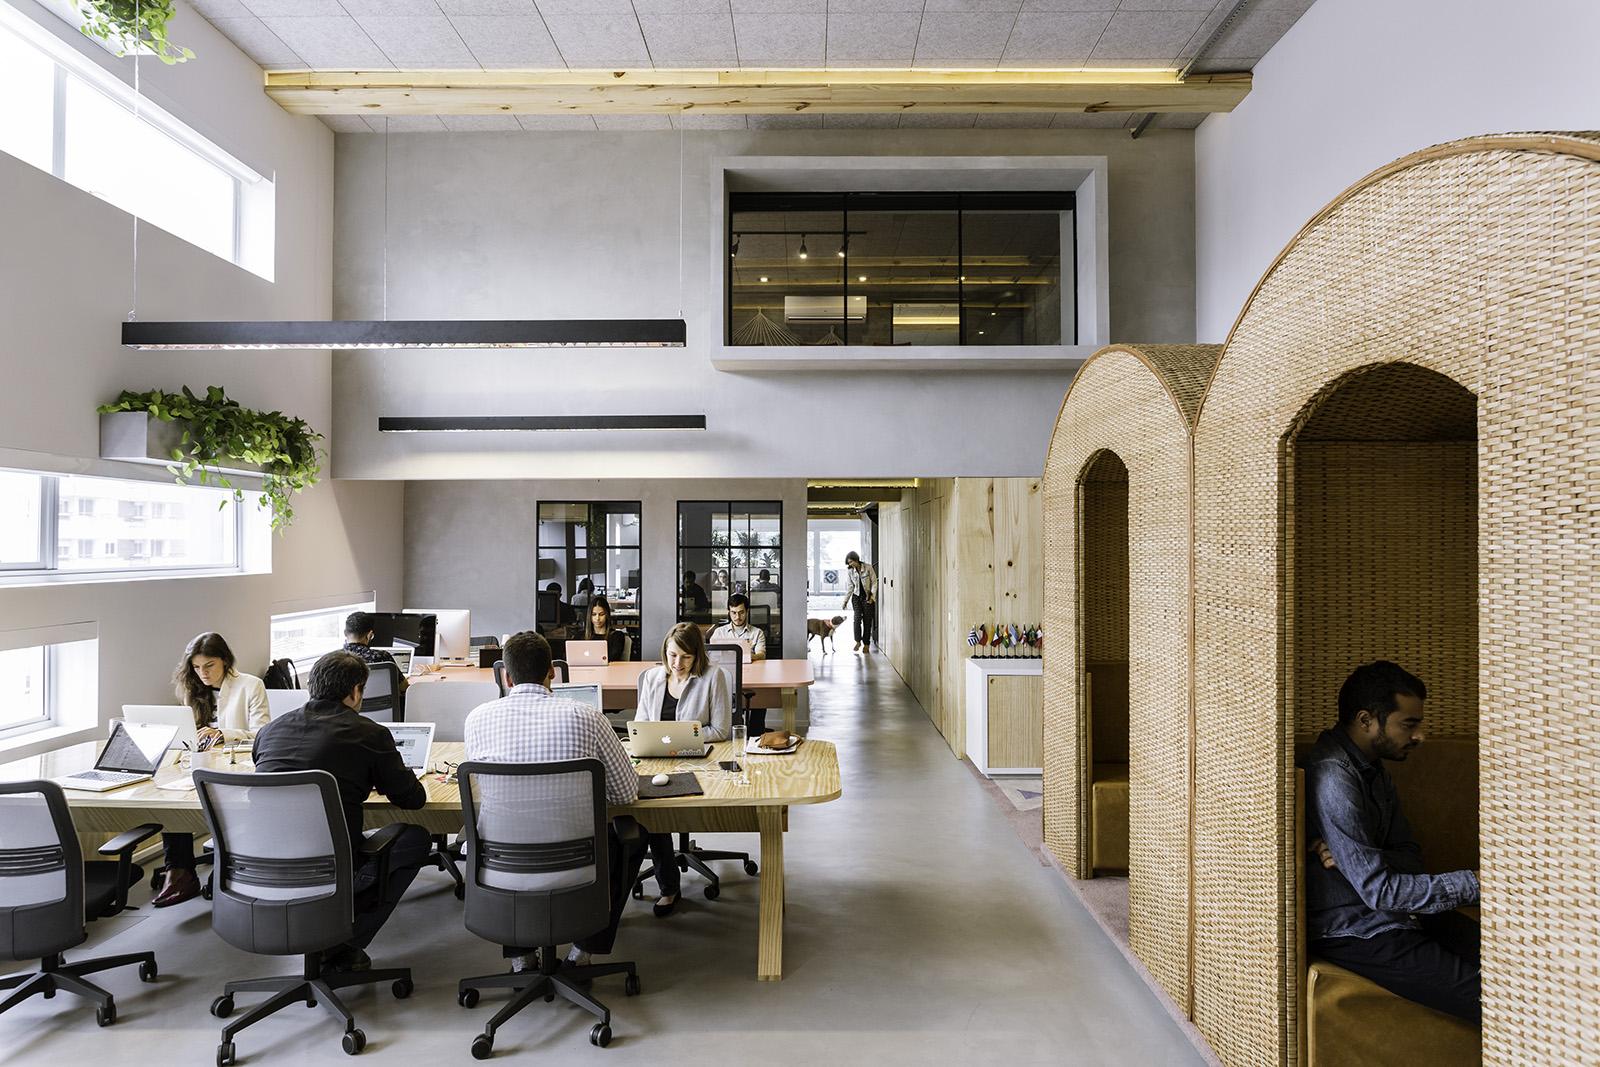 airbnb-sao-paulo-office-4